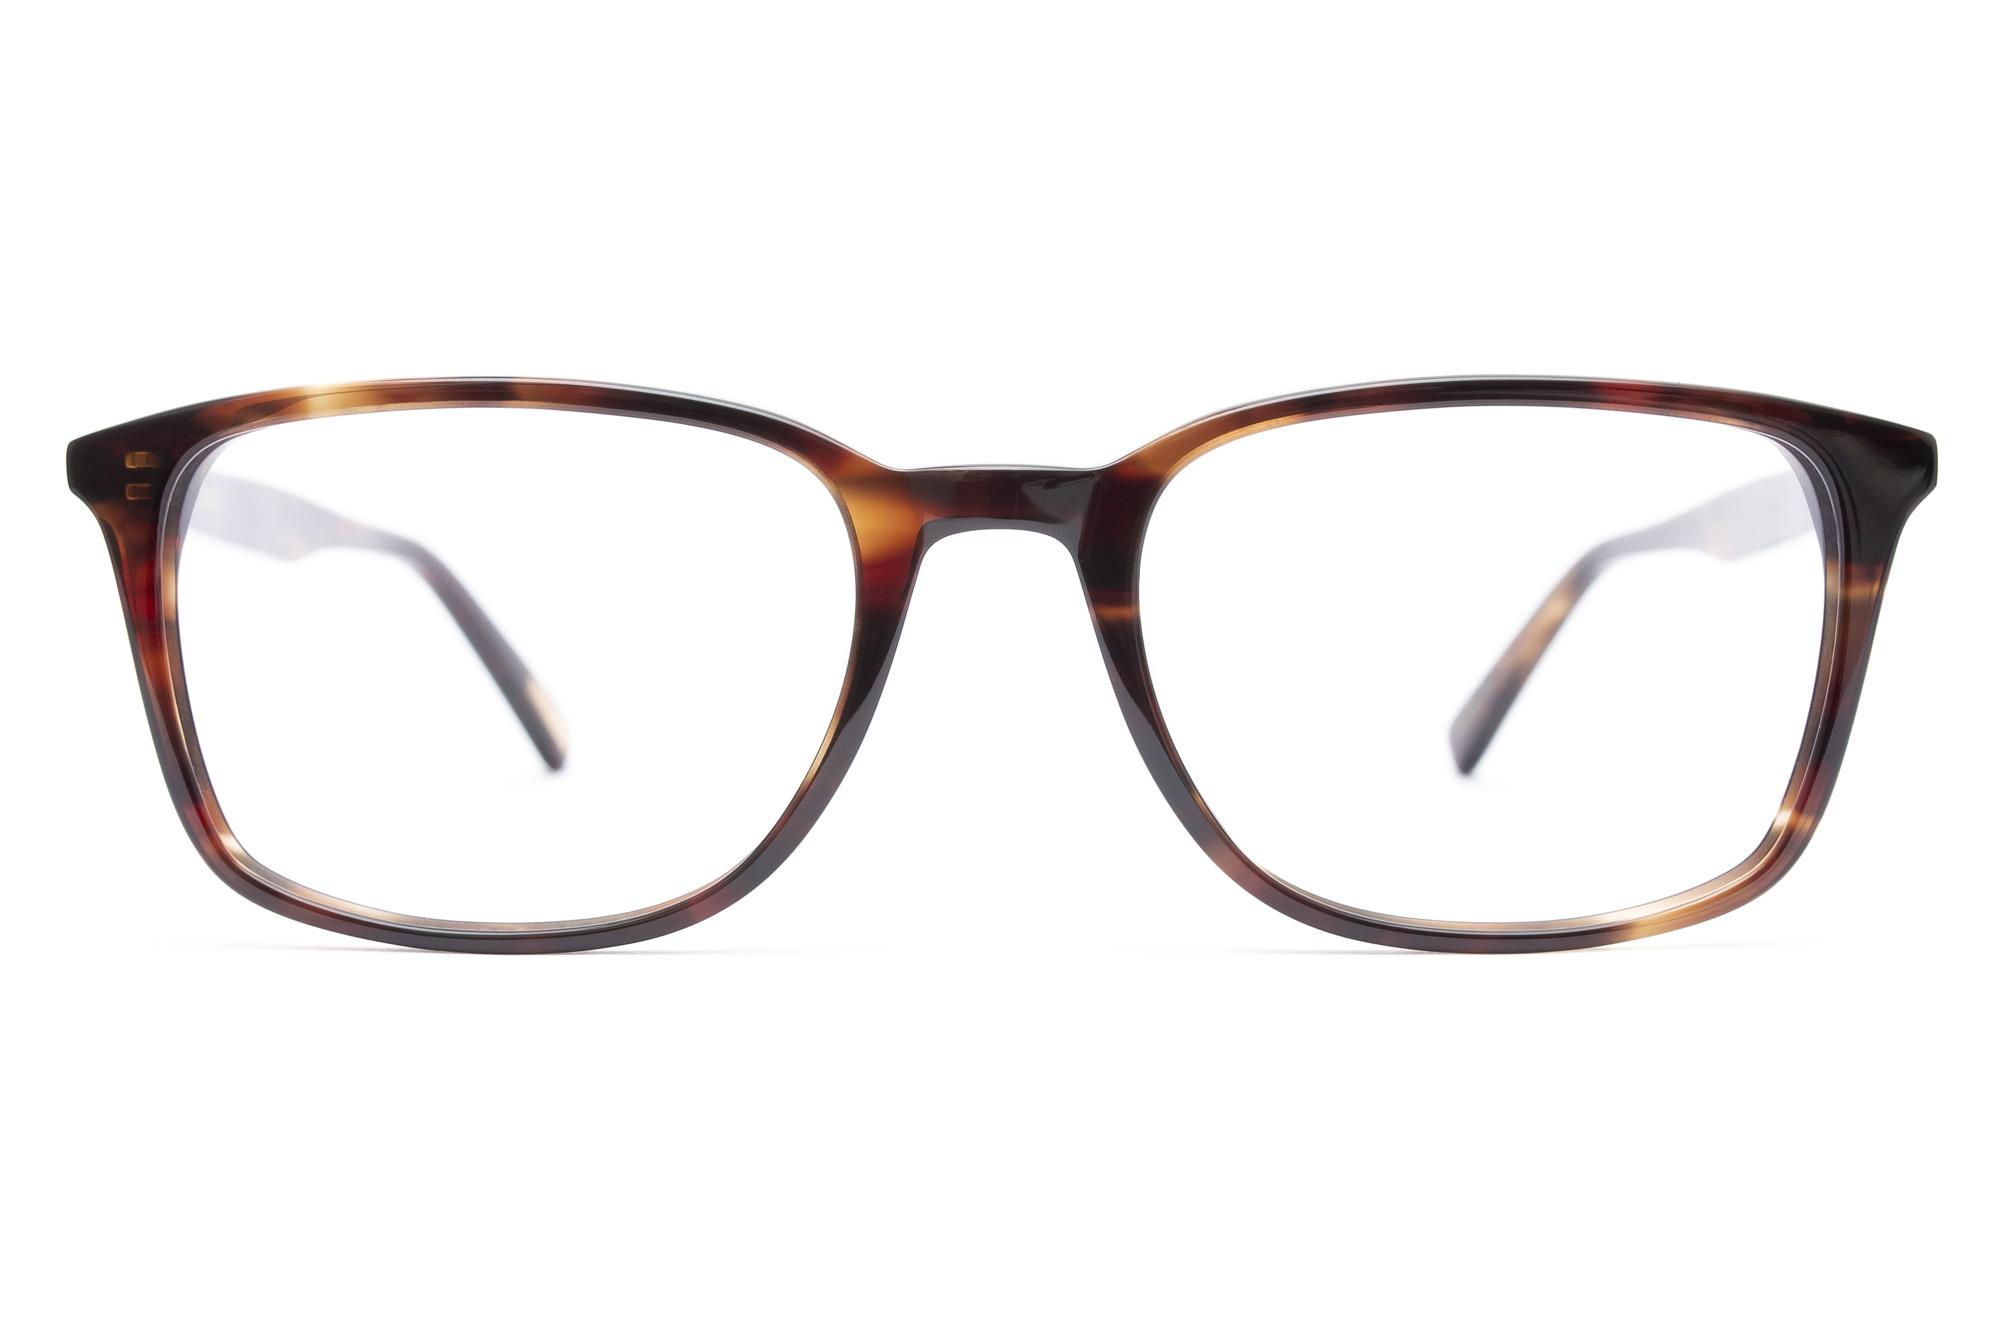 Γυαλιά οράσεως Bluesky Paro Forrest Πειραιάς